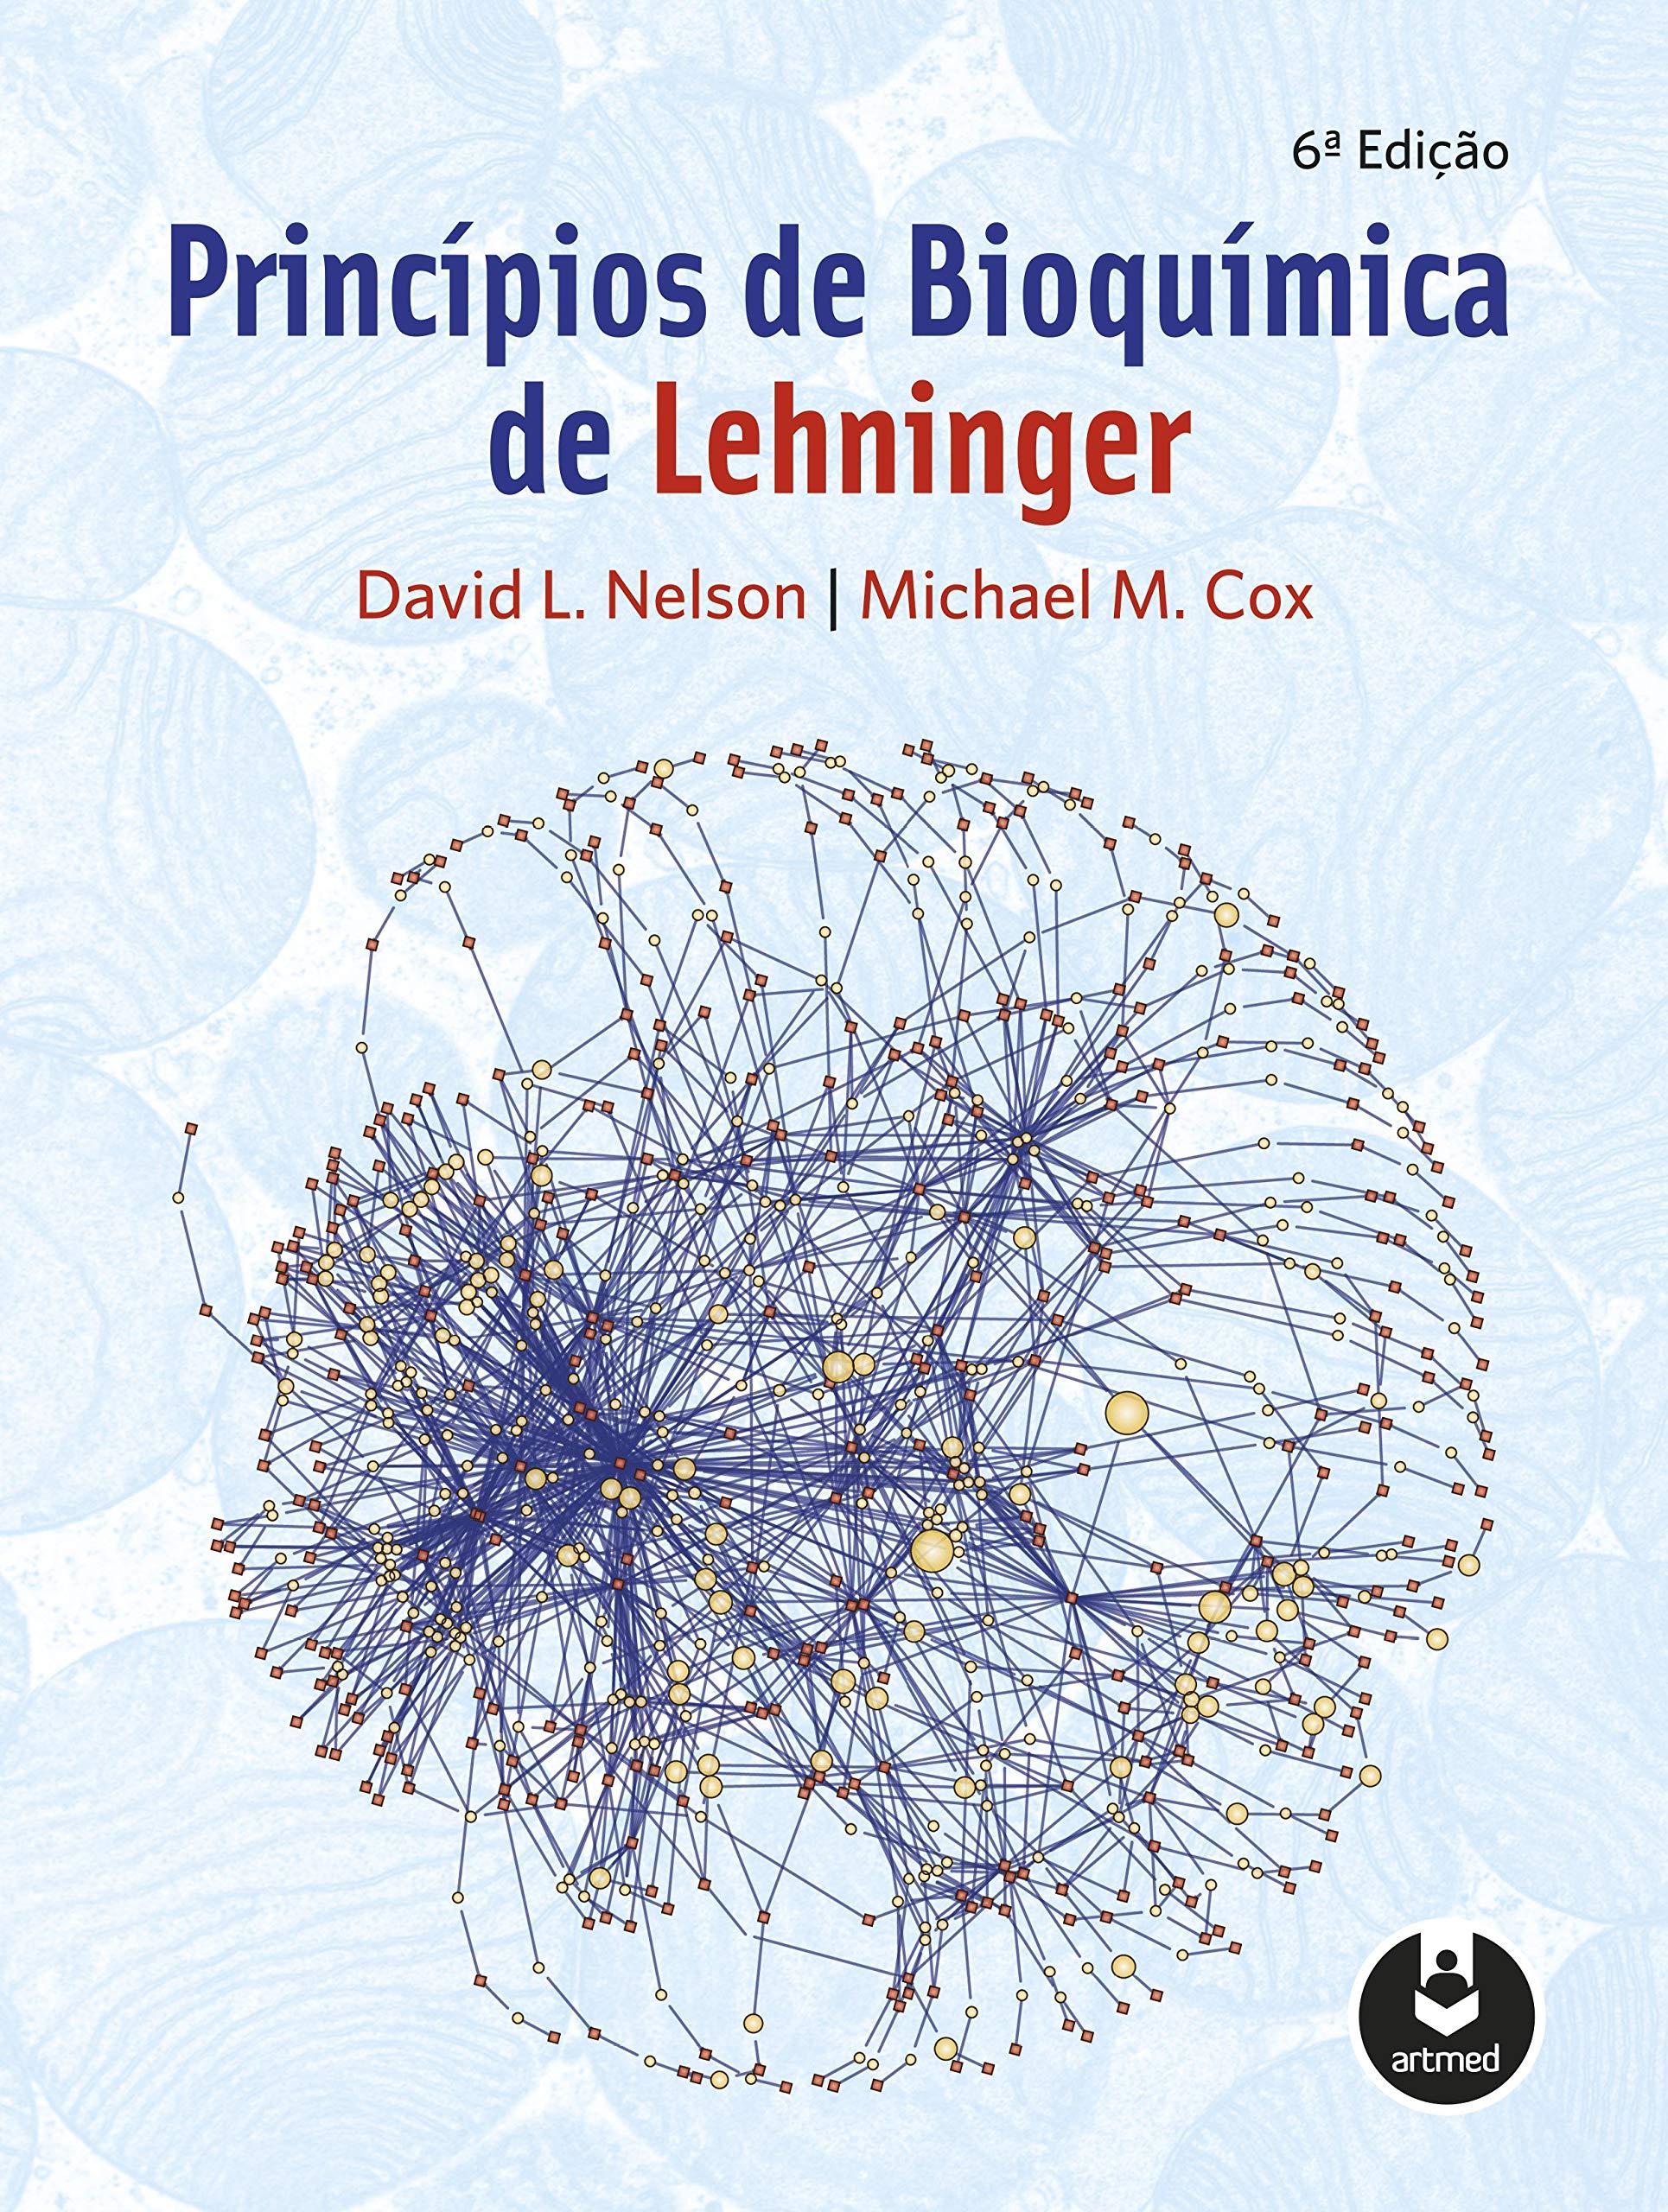 Livro princípios de bioquímica Lehninger em PDF